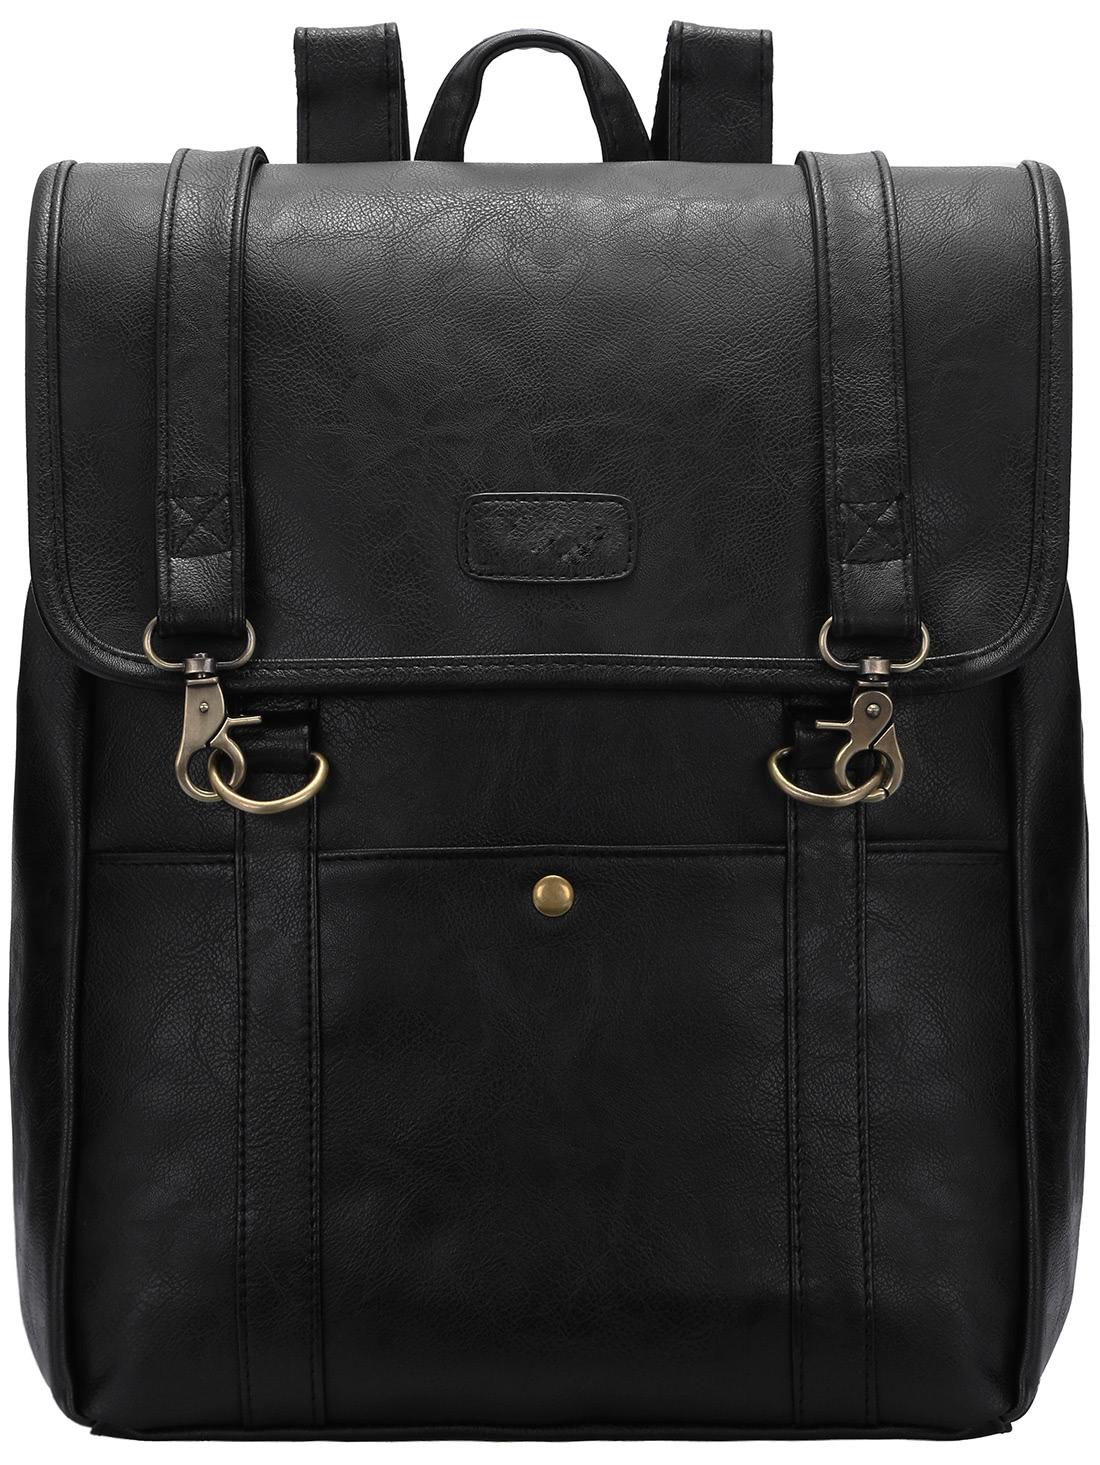 Black Buckle PU BackpacksBlack Buckle PU Backpacks<br><br>color: Black<br>size: None